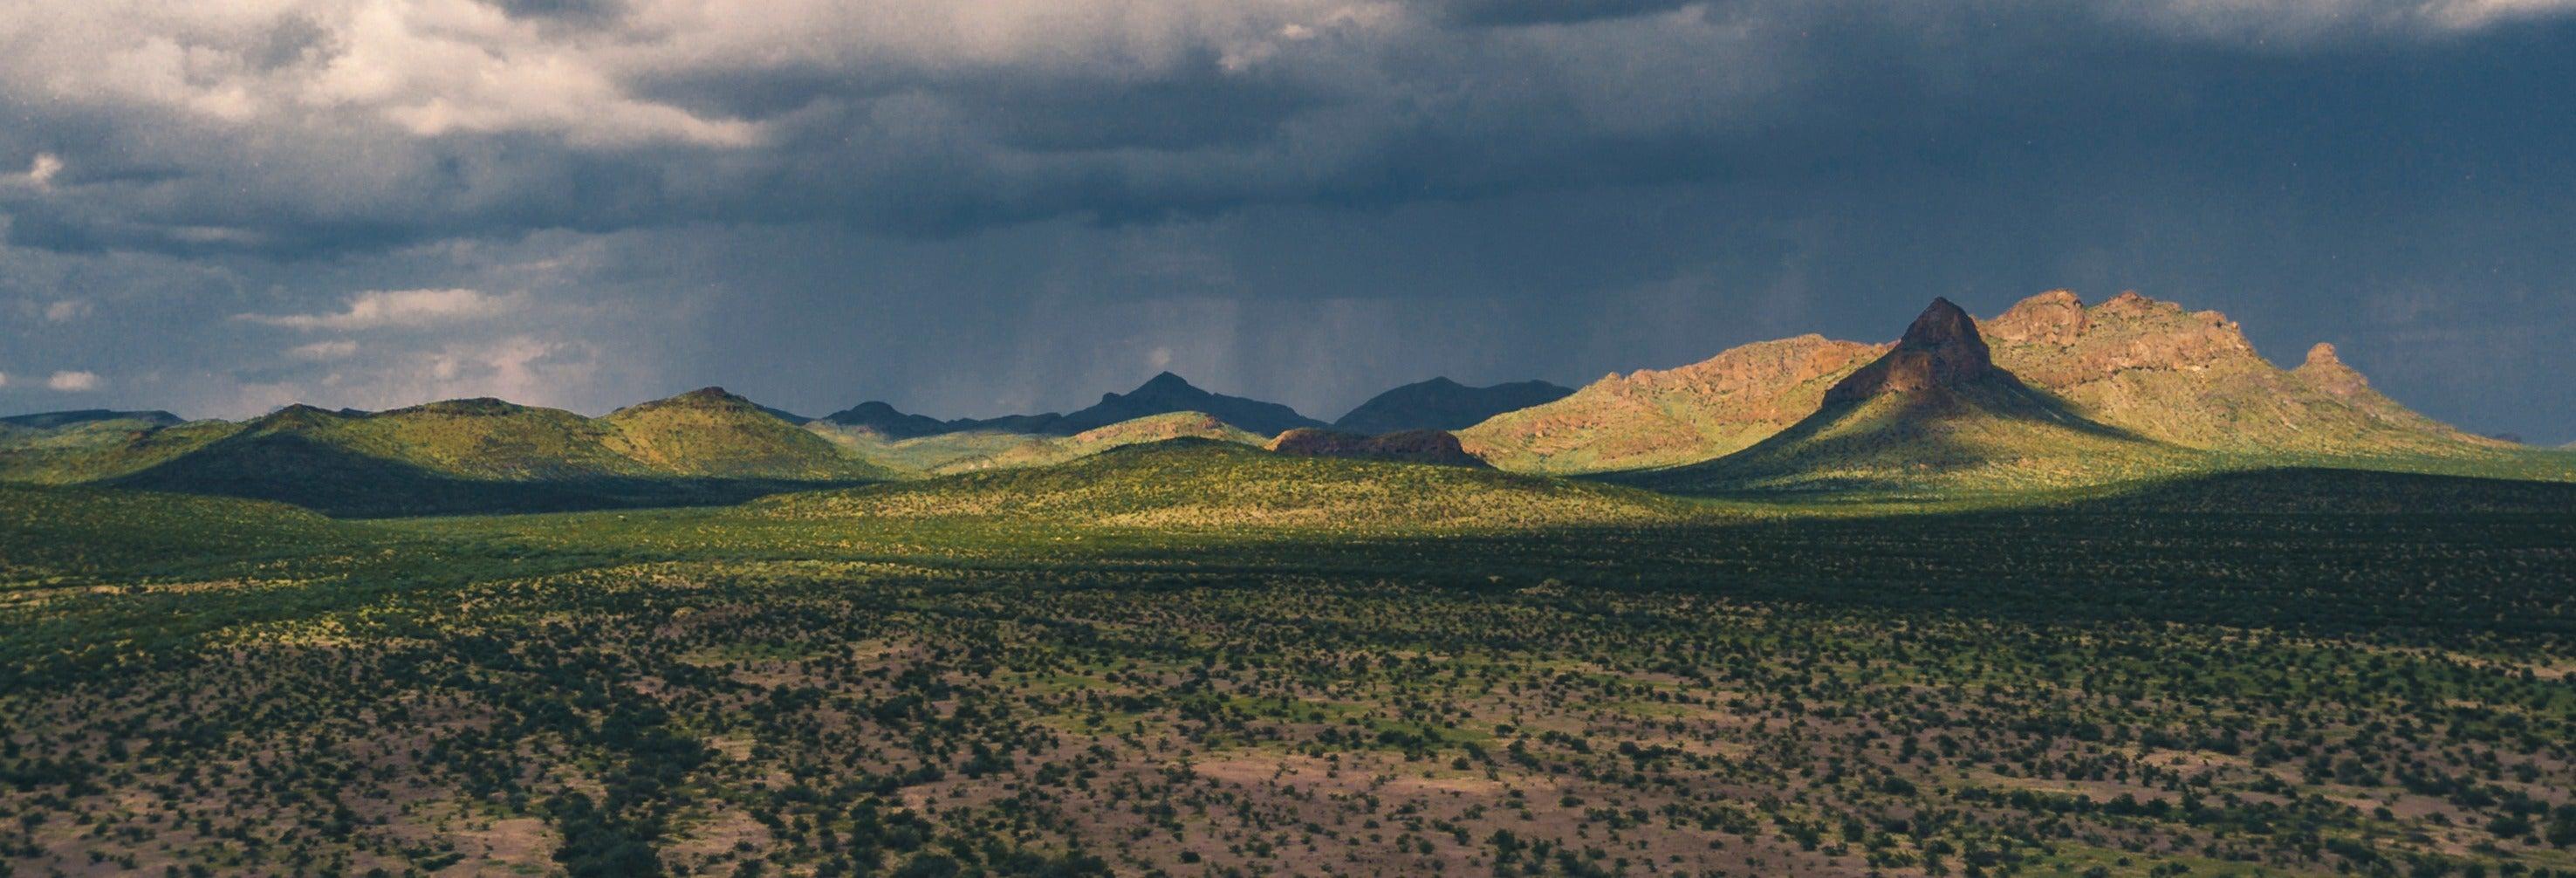 Excursión de 2 o 3 días por la Zona del Silencio, Mapimí y Ojuela desde Durango